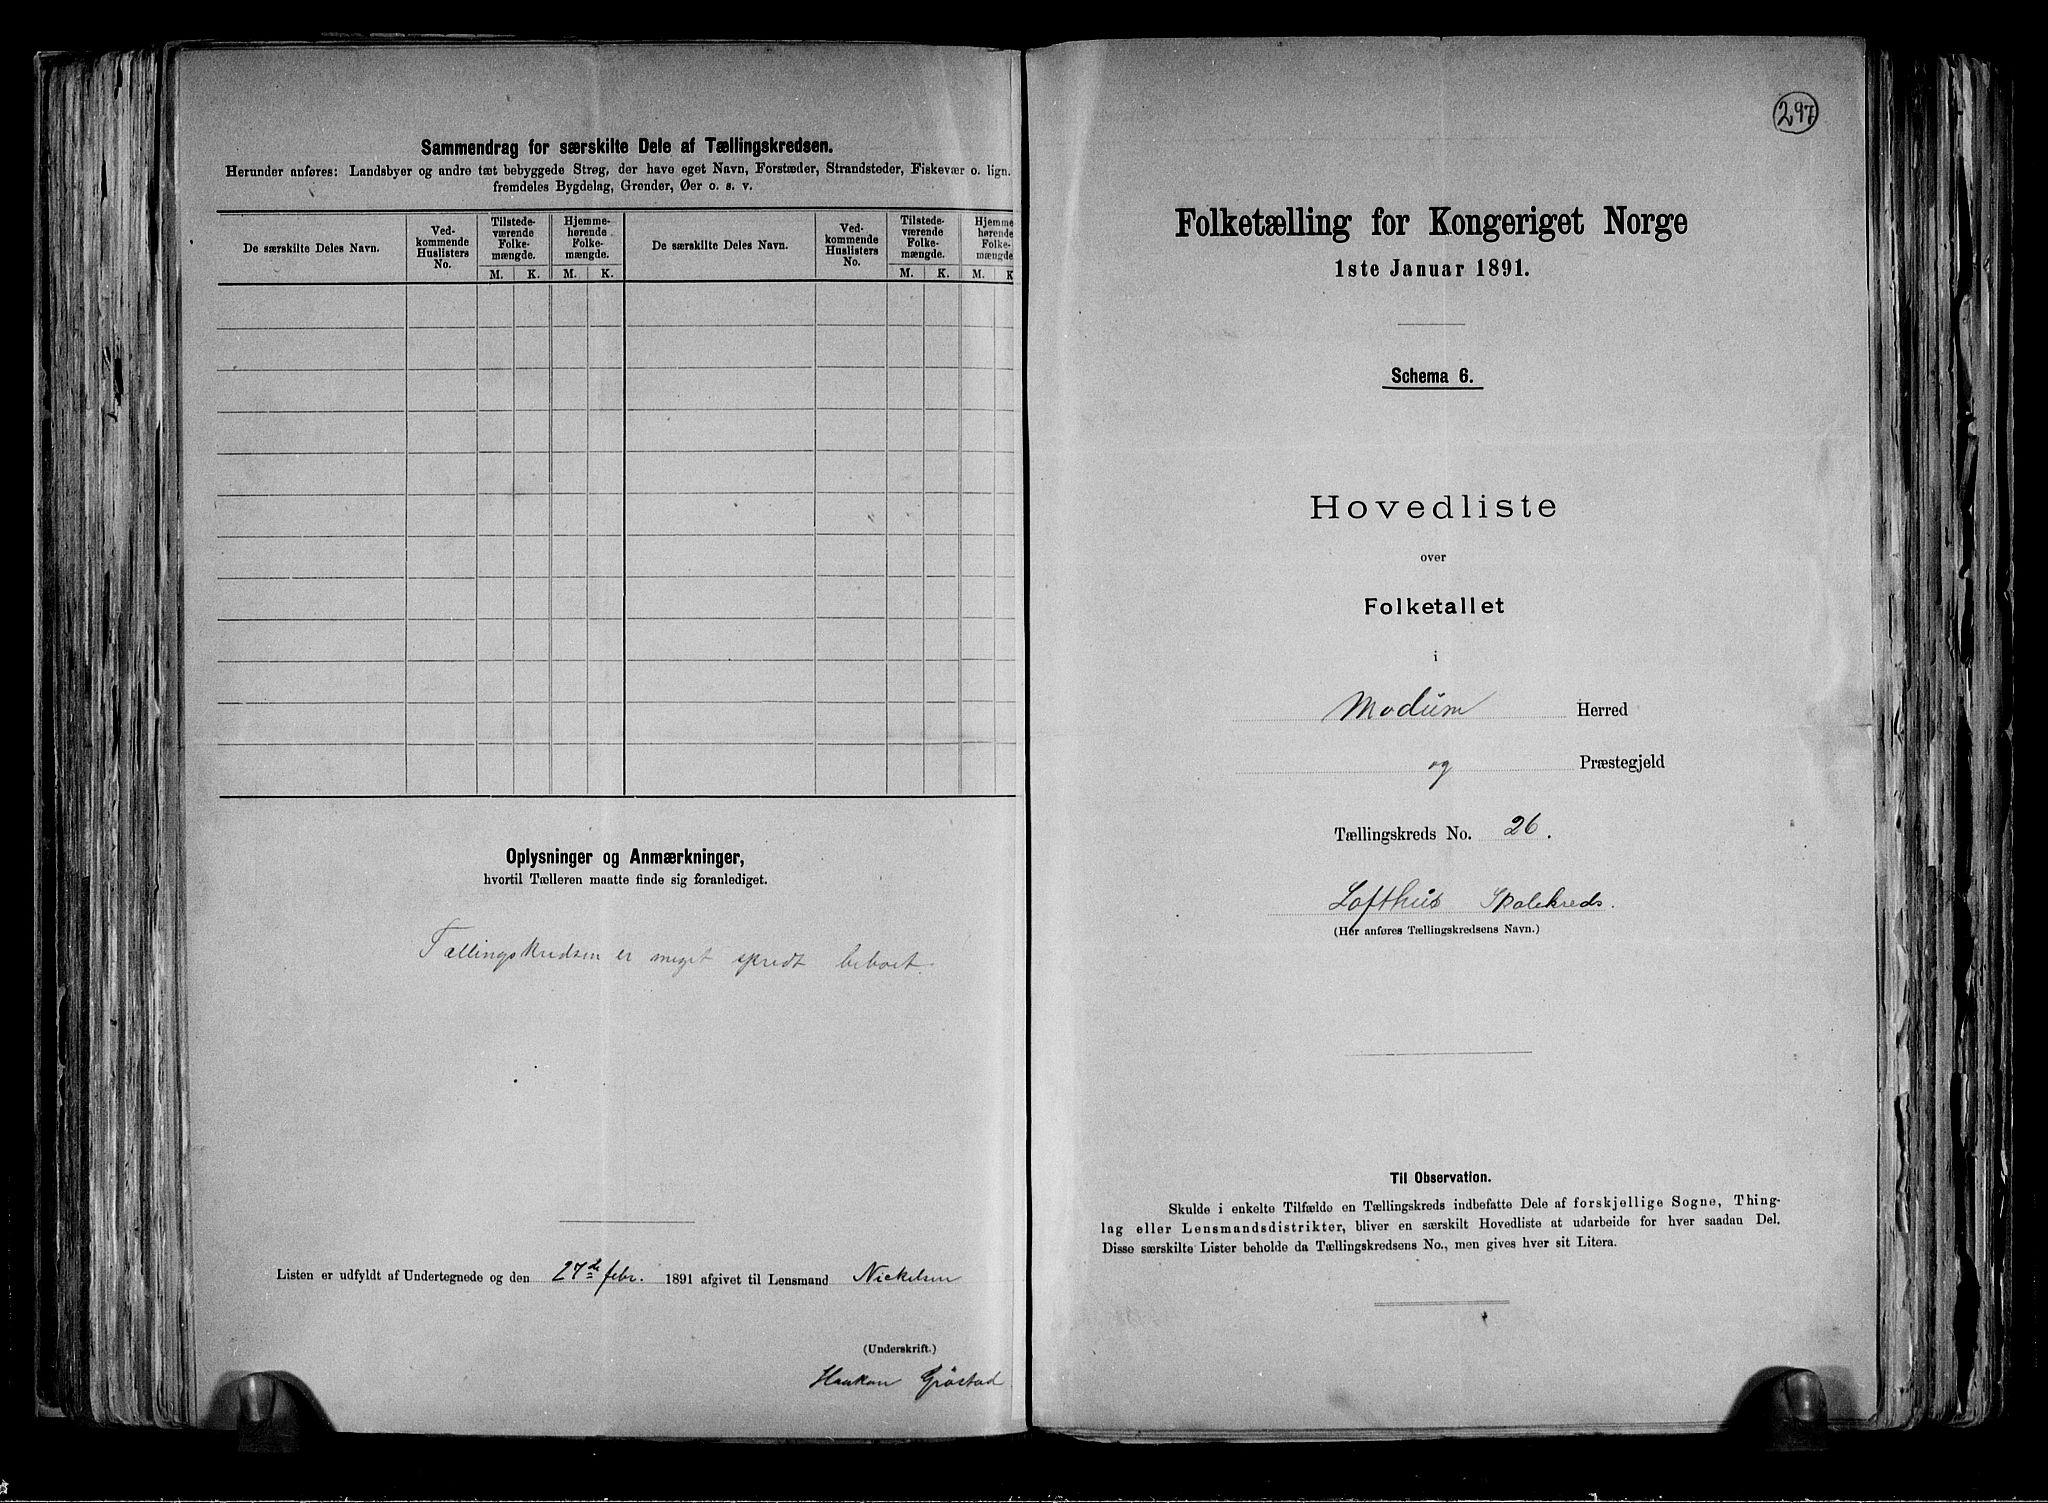 RA, Folketelling 1891 for 0623 Modum herred, 1891, s. 60